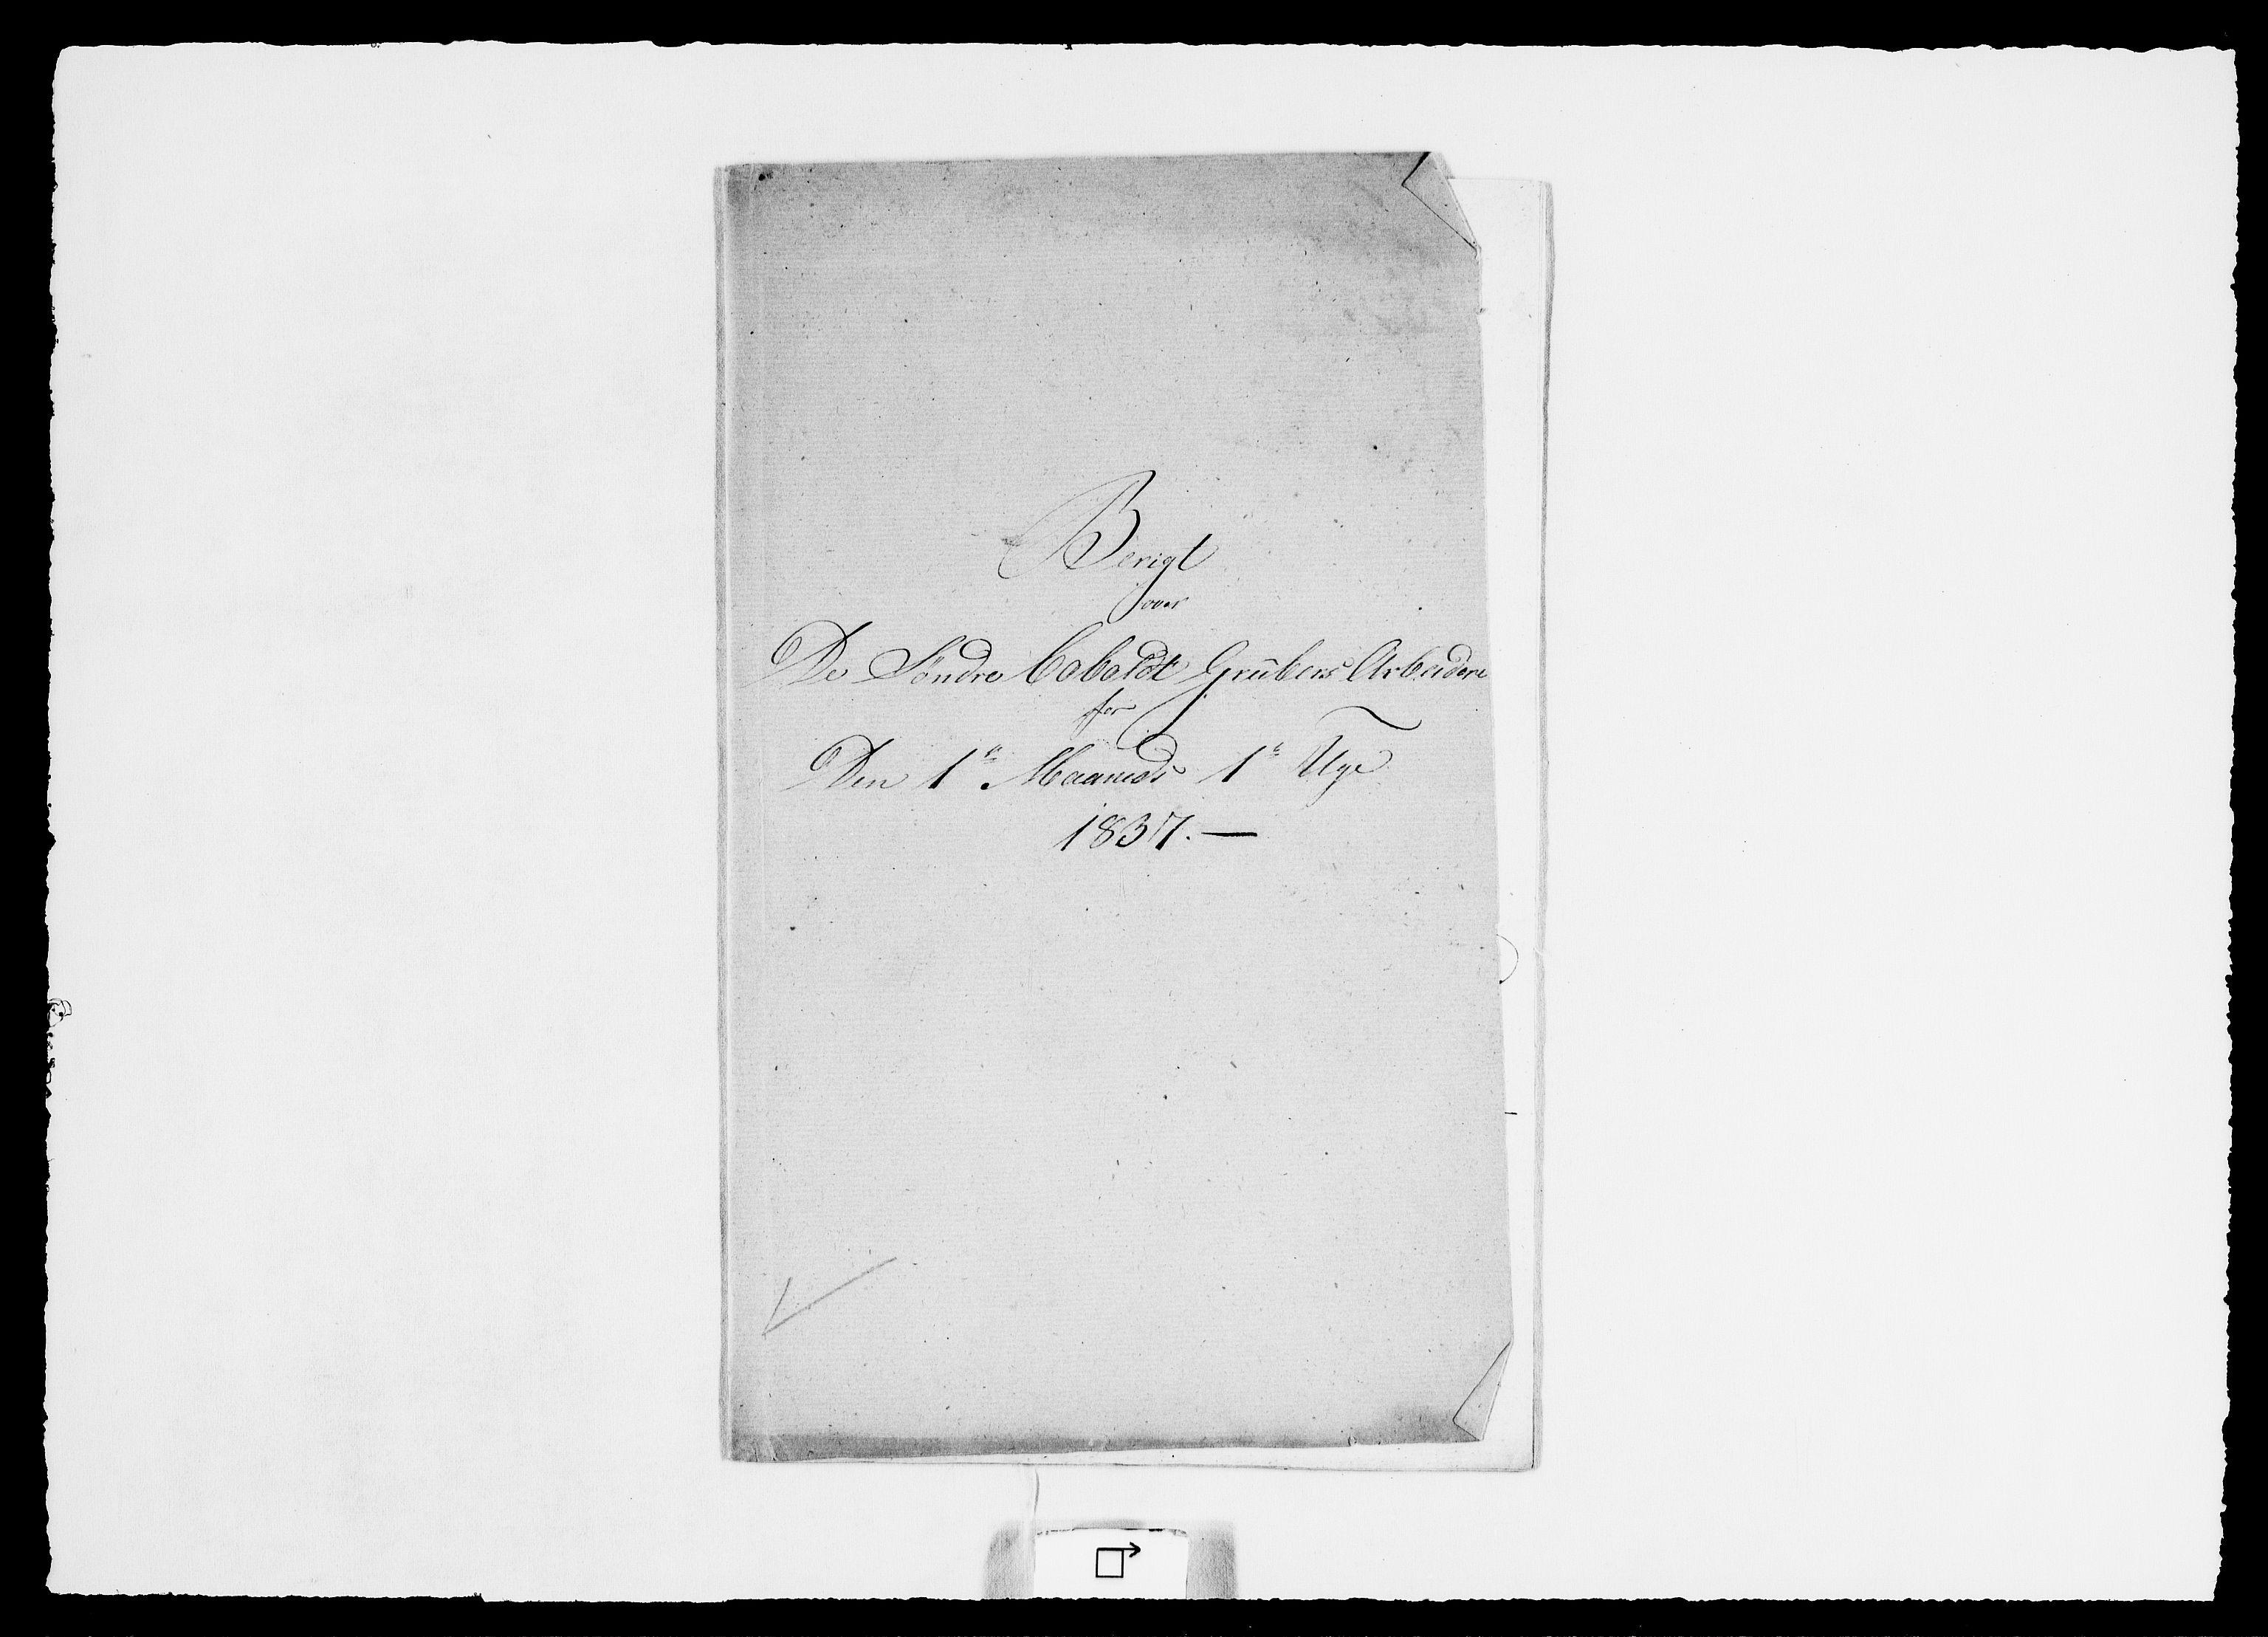 RA, Modums Blaafarveværk, G/Ge/L0351, 1837, s. 2